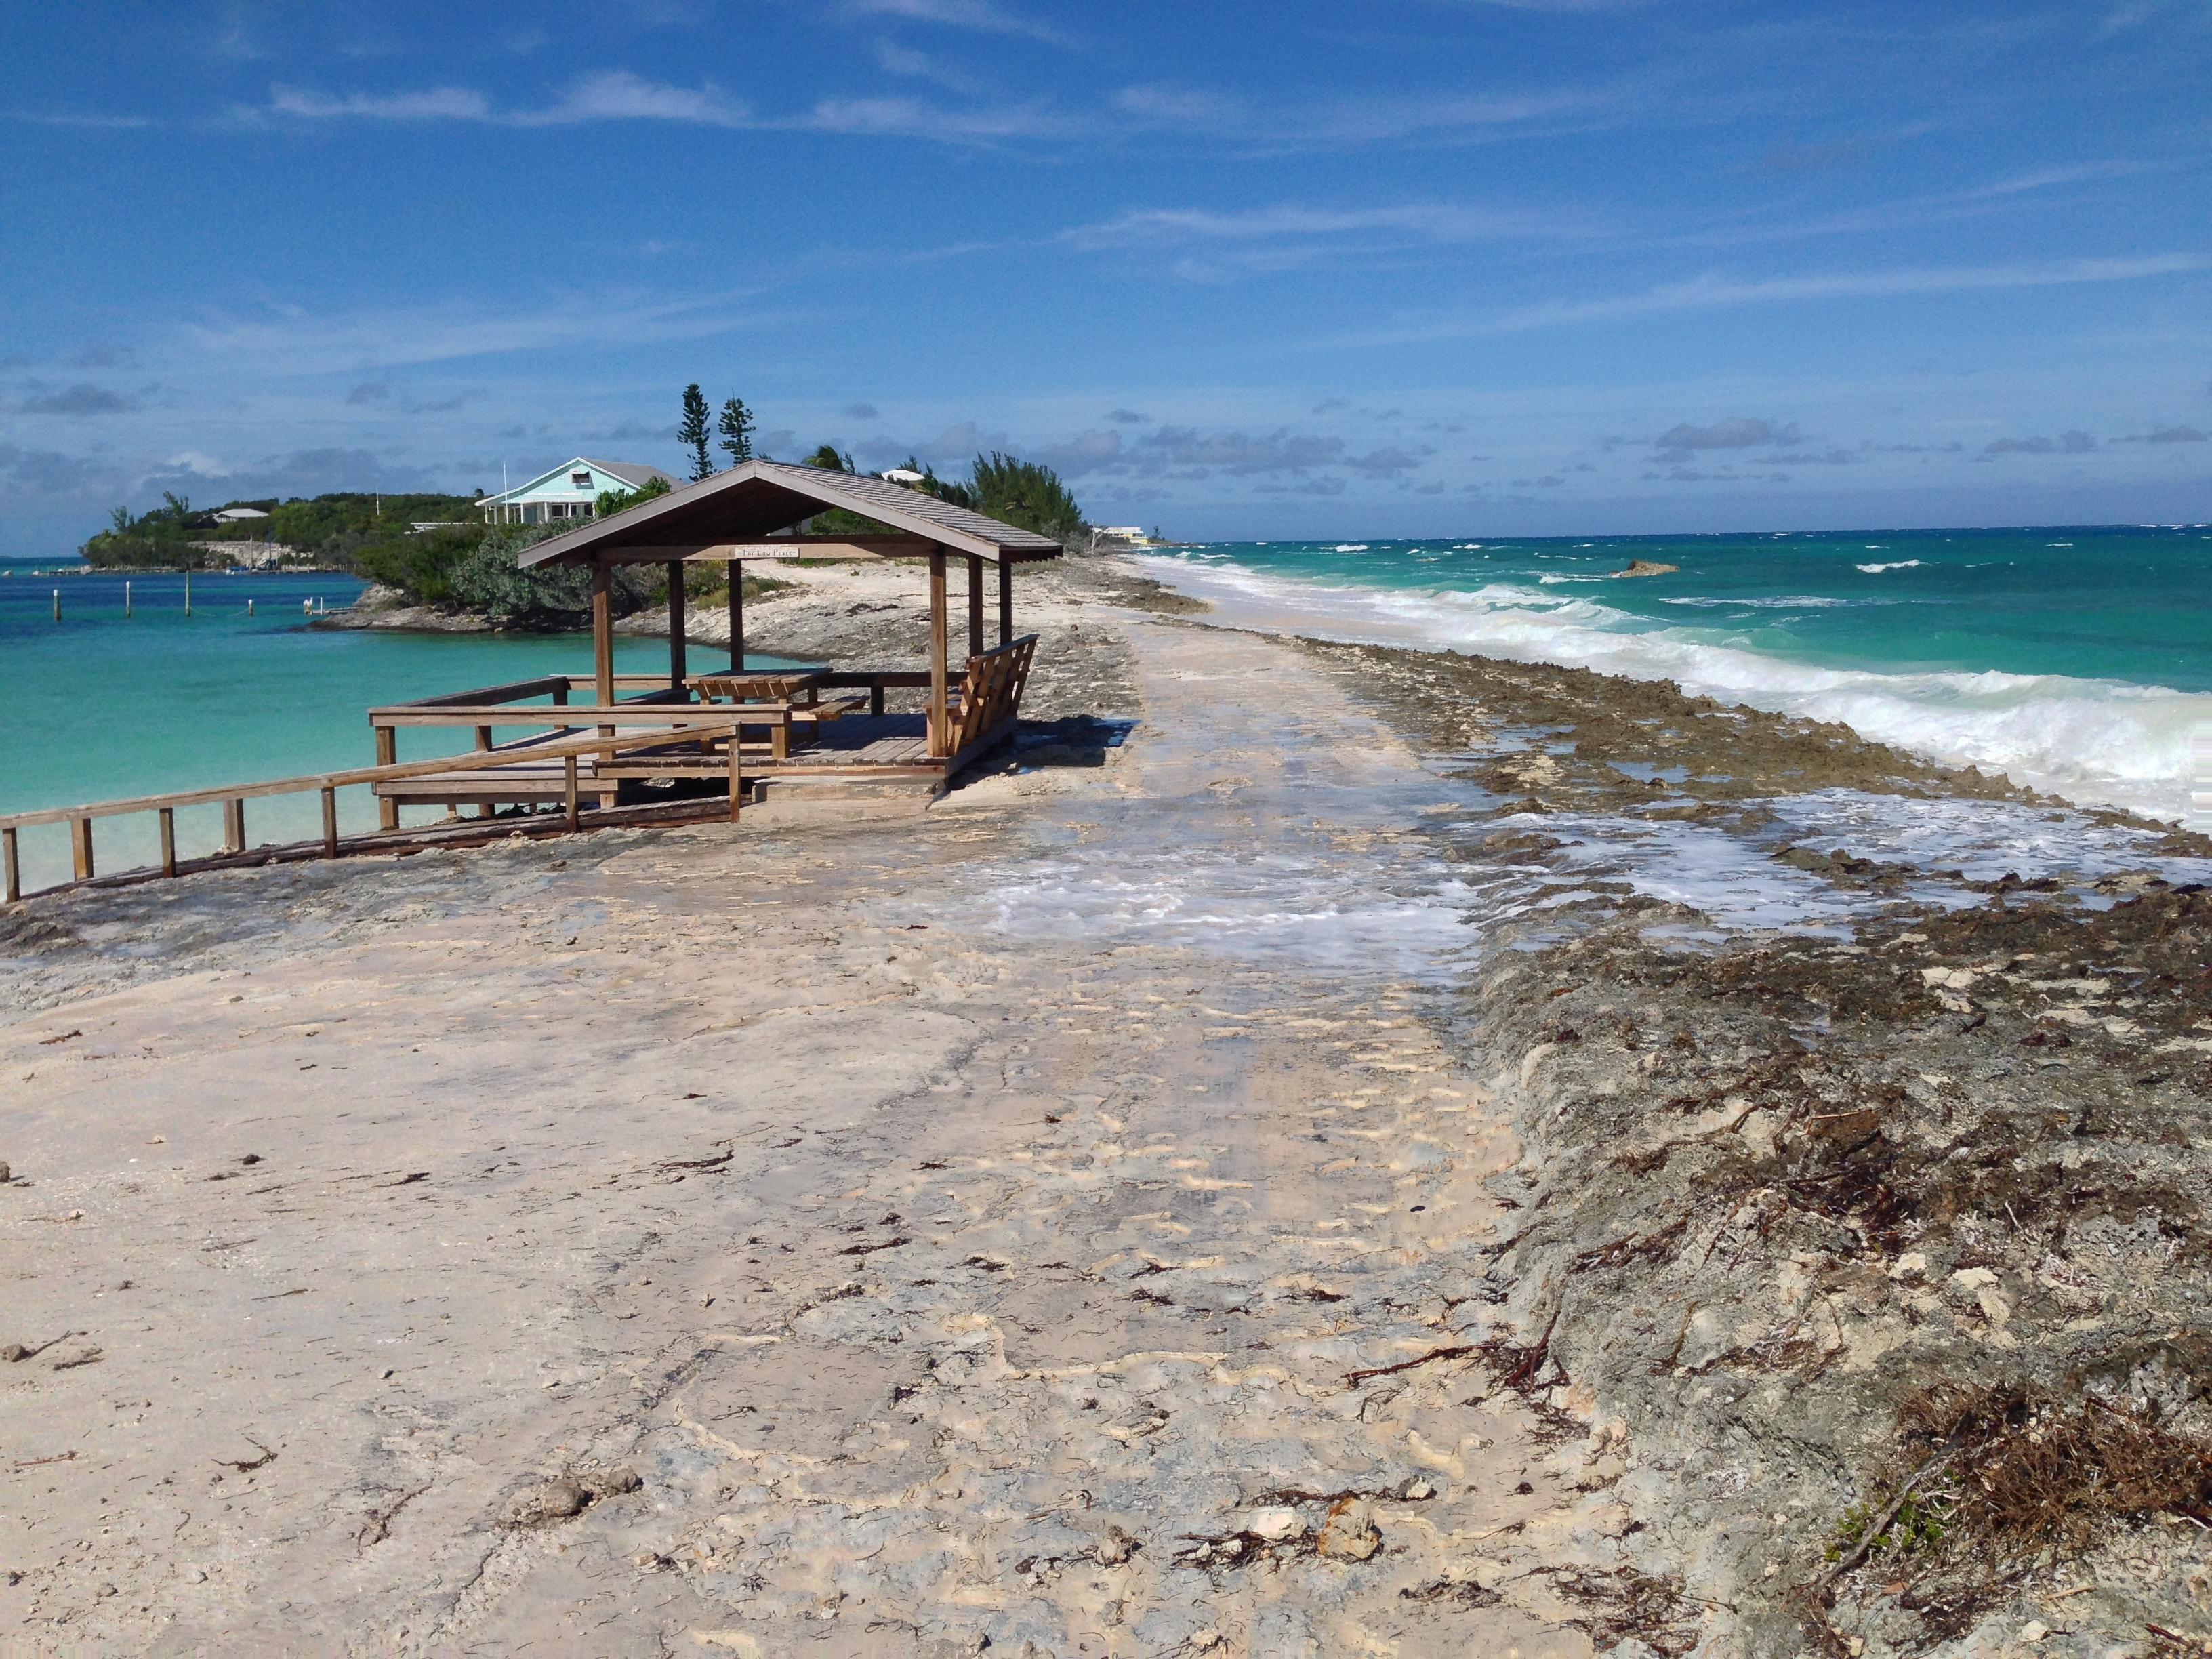 Noleggio Barche Man O War Cay - Navalia | Noleggia un Sogno